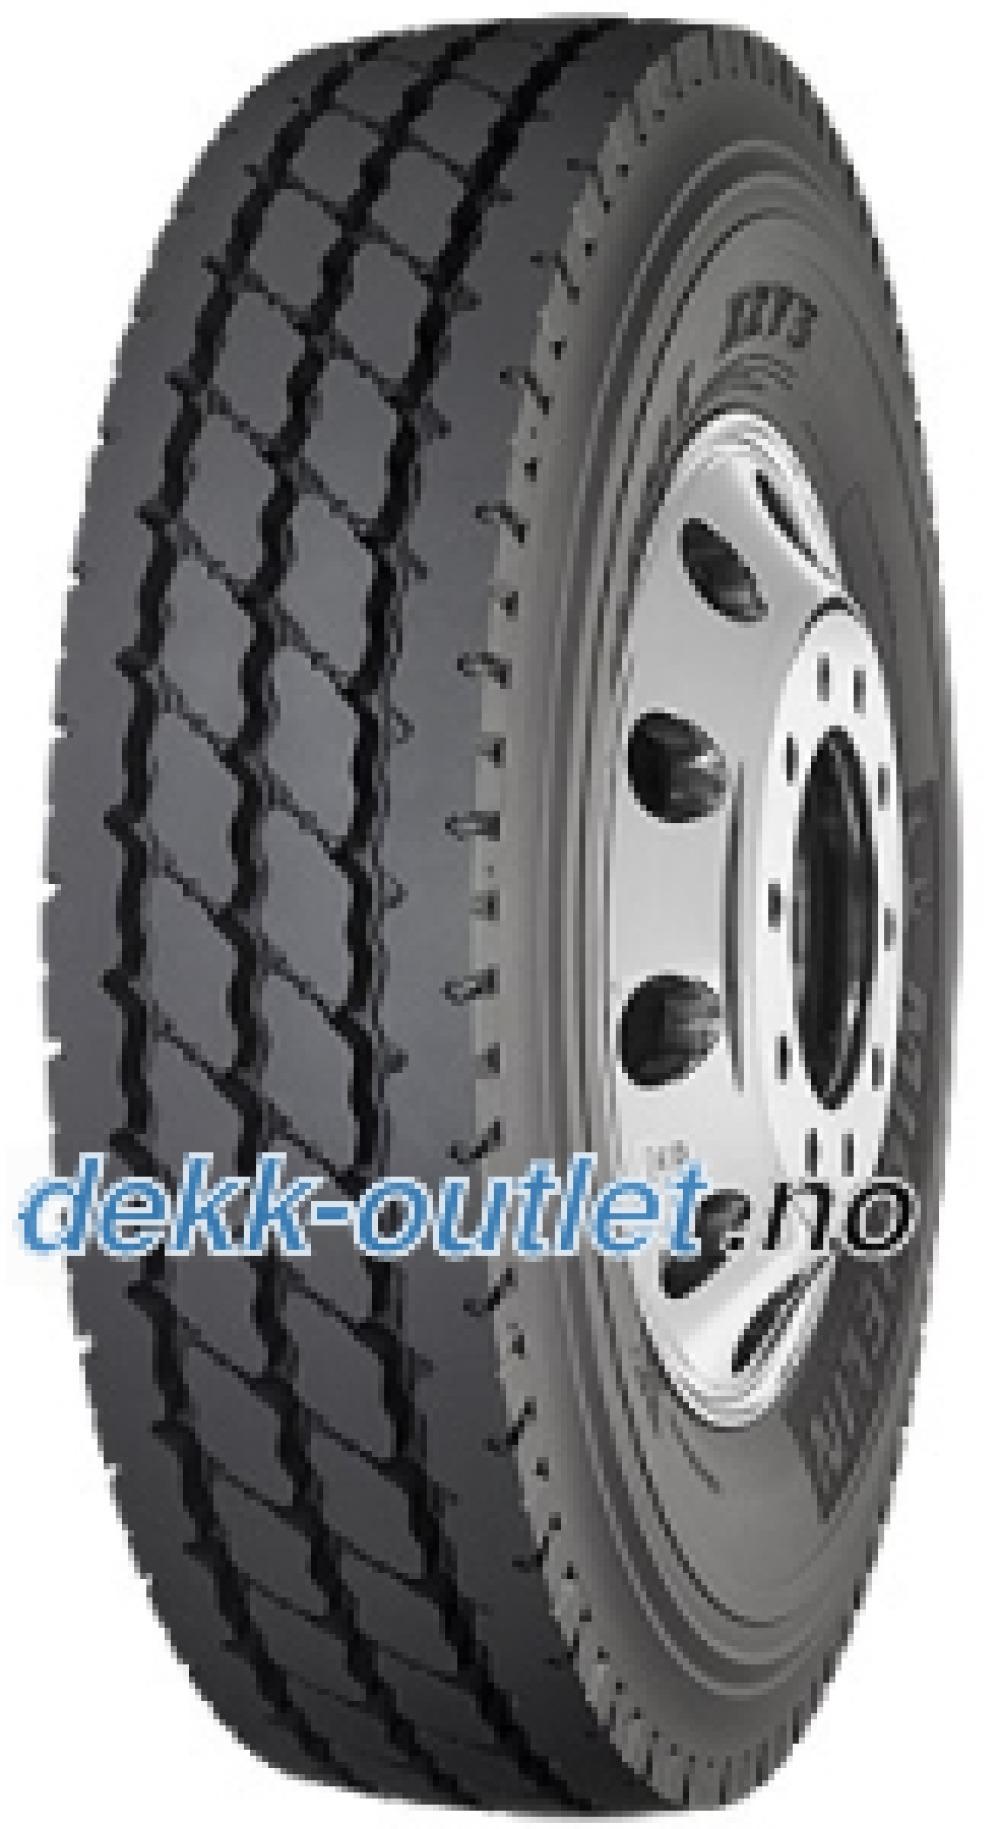 Michelin XZY 3 ( 425/65 R22.5 165K 20PR , dobbel merking 16.5 , Doppelkennung 16.5, Doppelkennung 16.5 R 22.5 )